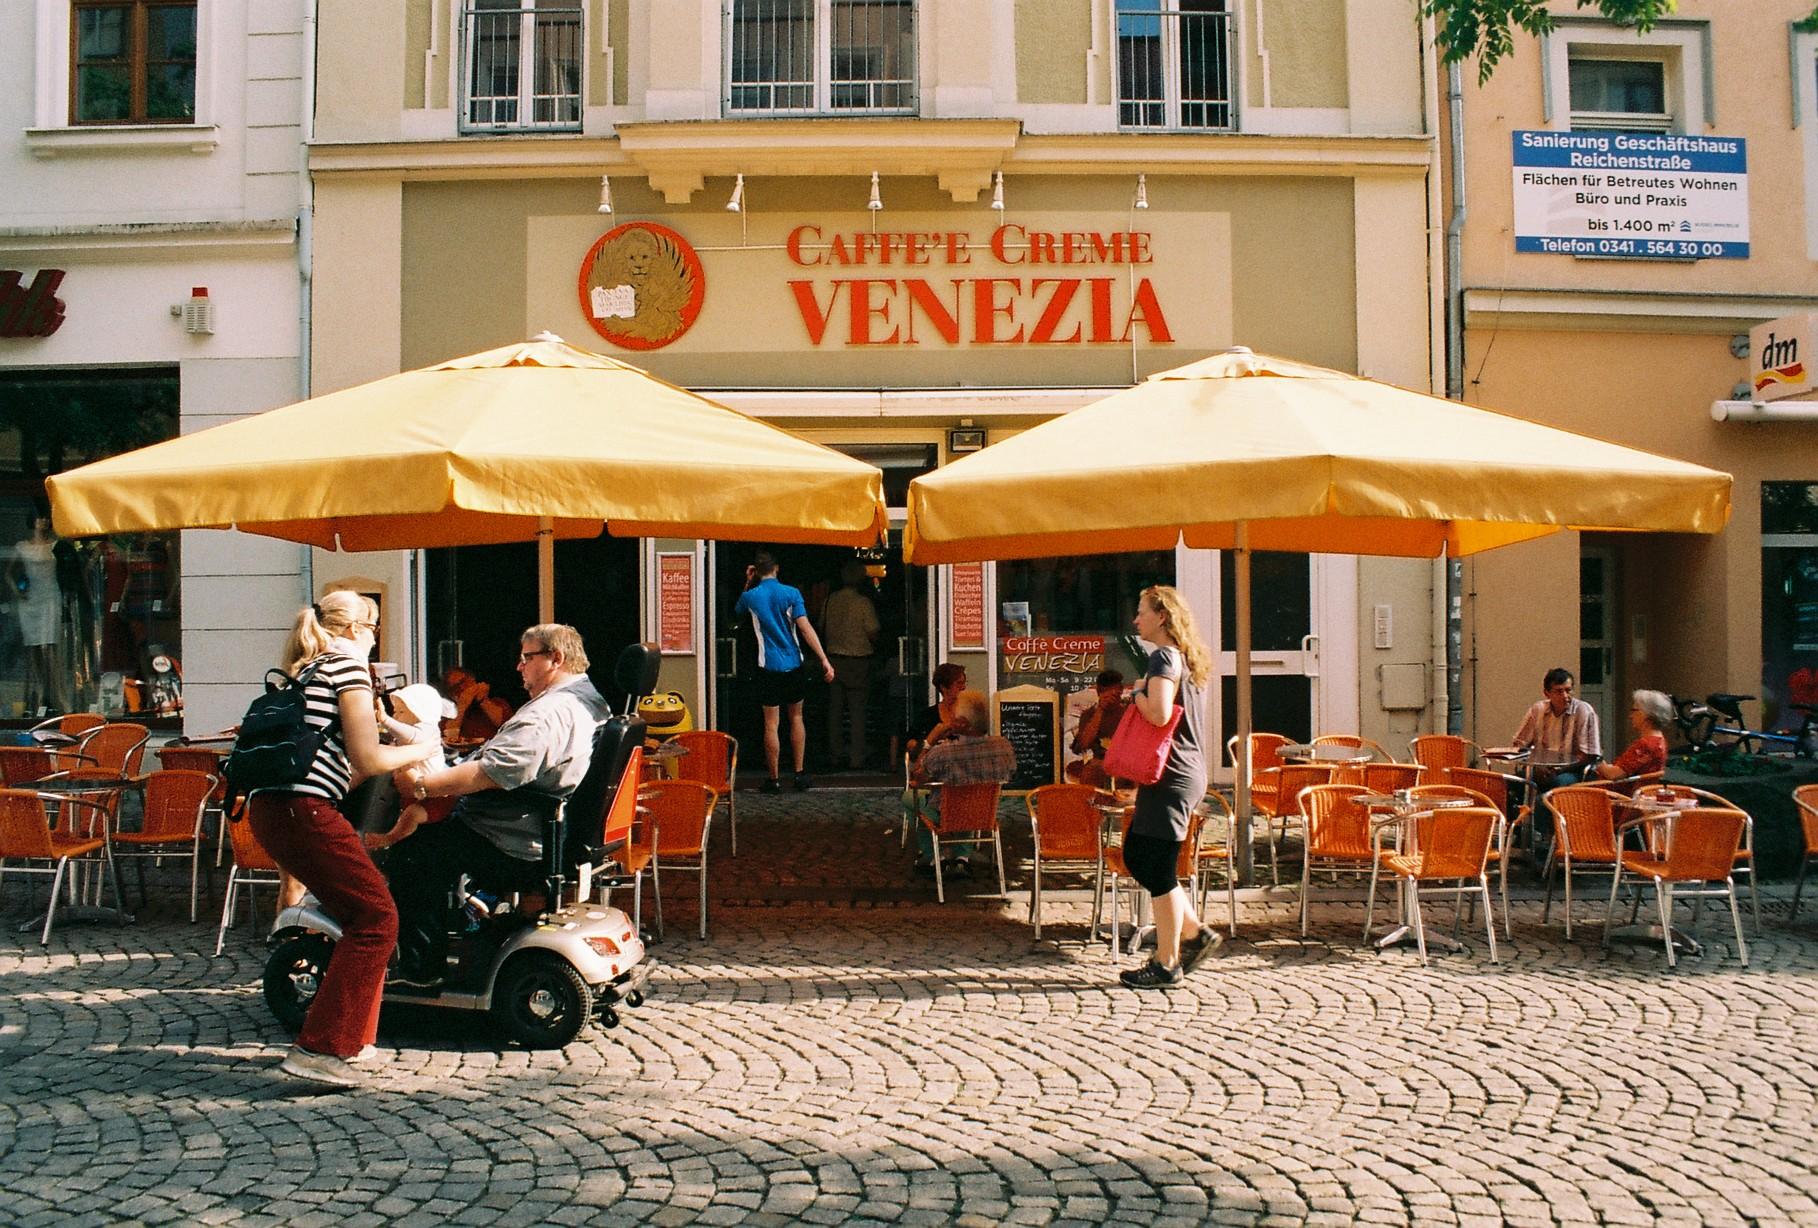 Venezia Cafe Creme Bautzen